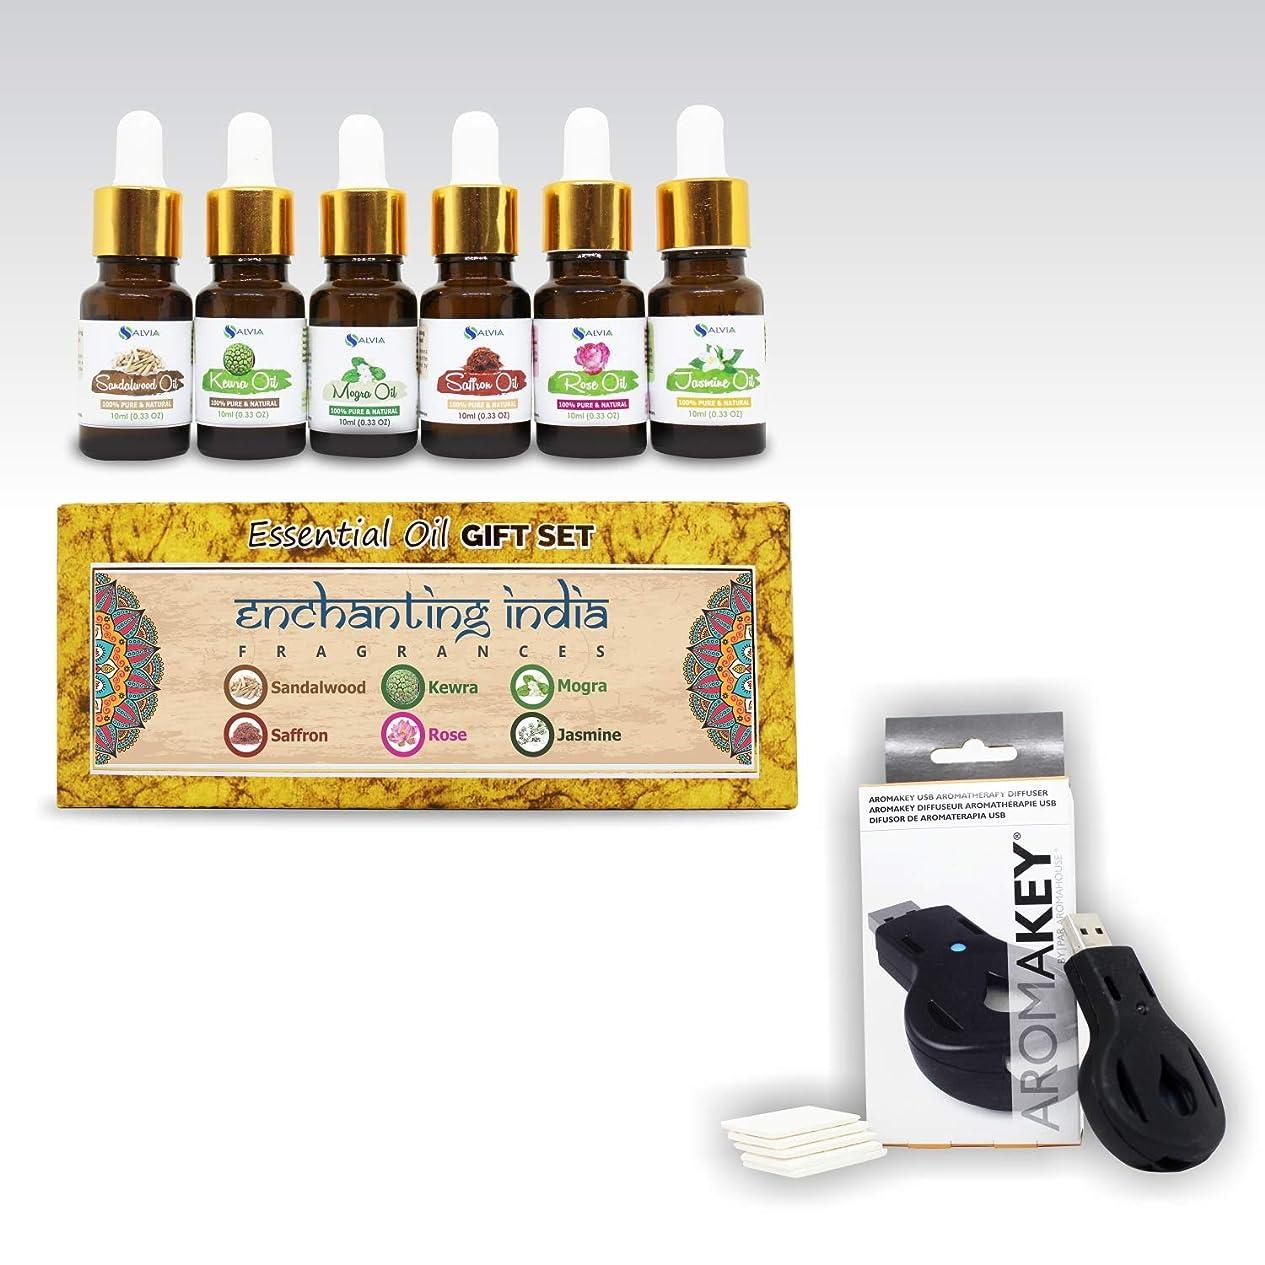 おびえたトランザクション愛情Aromatherapy Essential Oils - Enchanting India (Pack of 6) 100% Pure & Natural Plus Aromakey USB Personal Diffuser, Humidifier, Air Freshener For Office, Car, etc